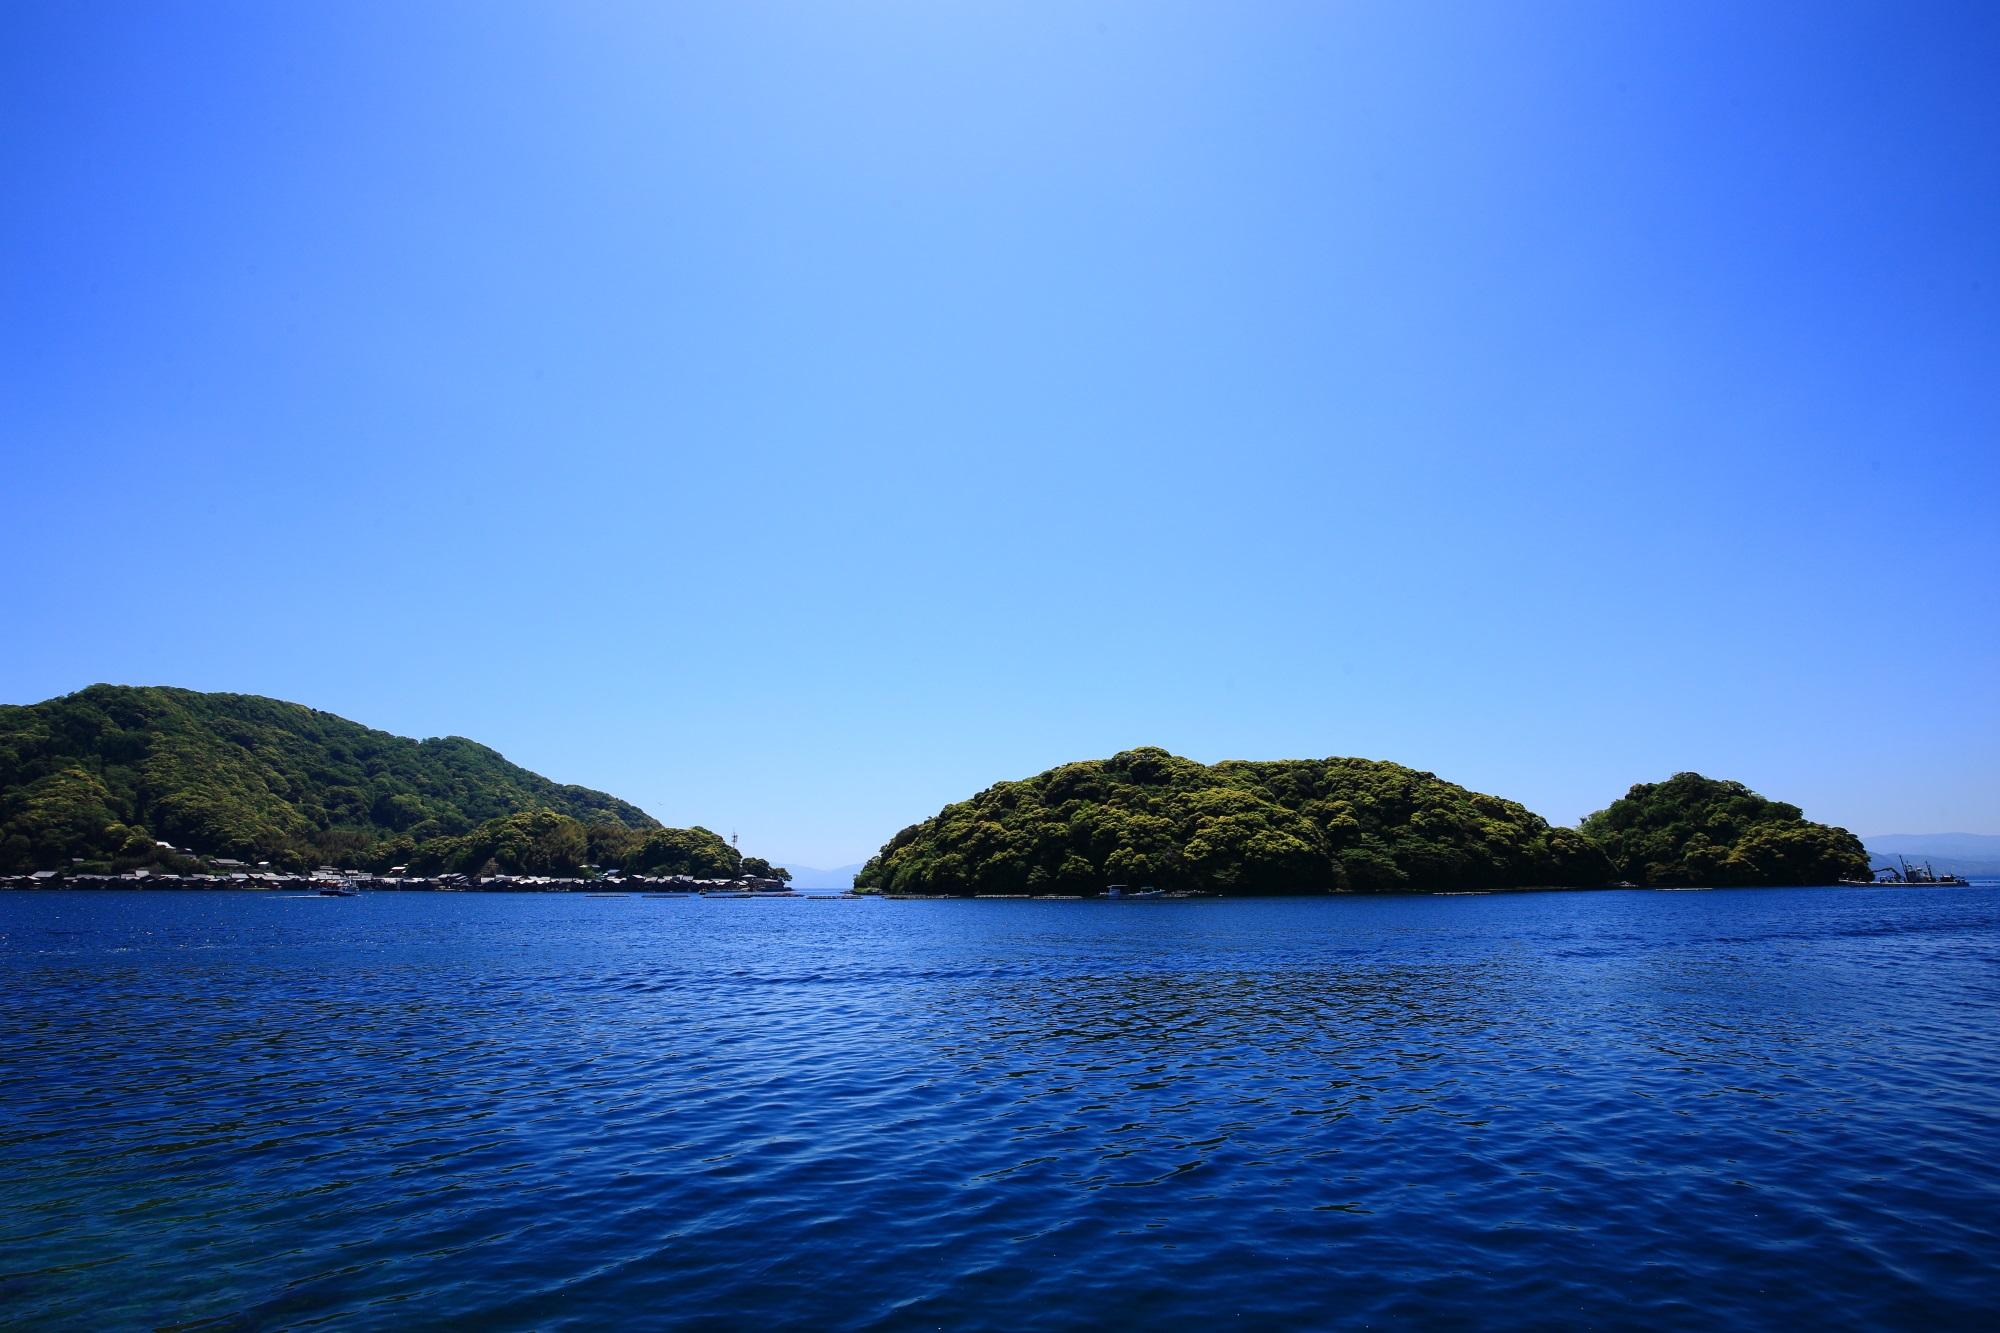 伊根湾の中央にある防波堤の役目をする青島